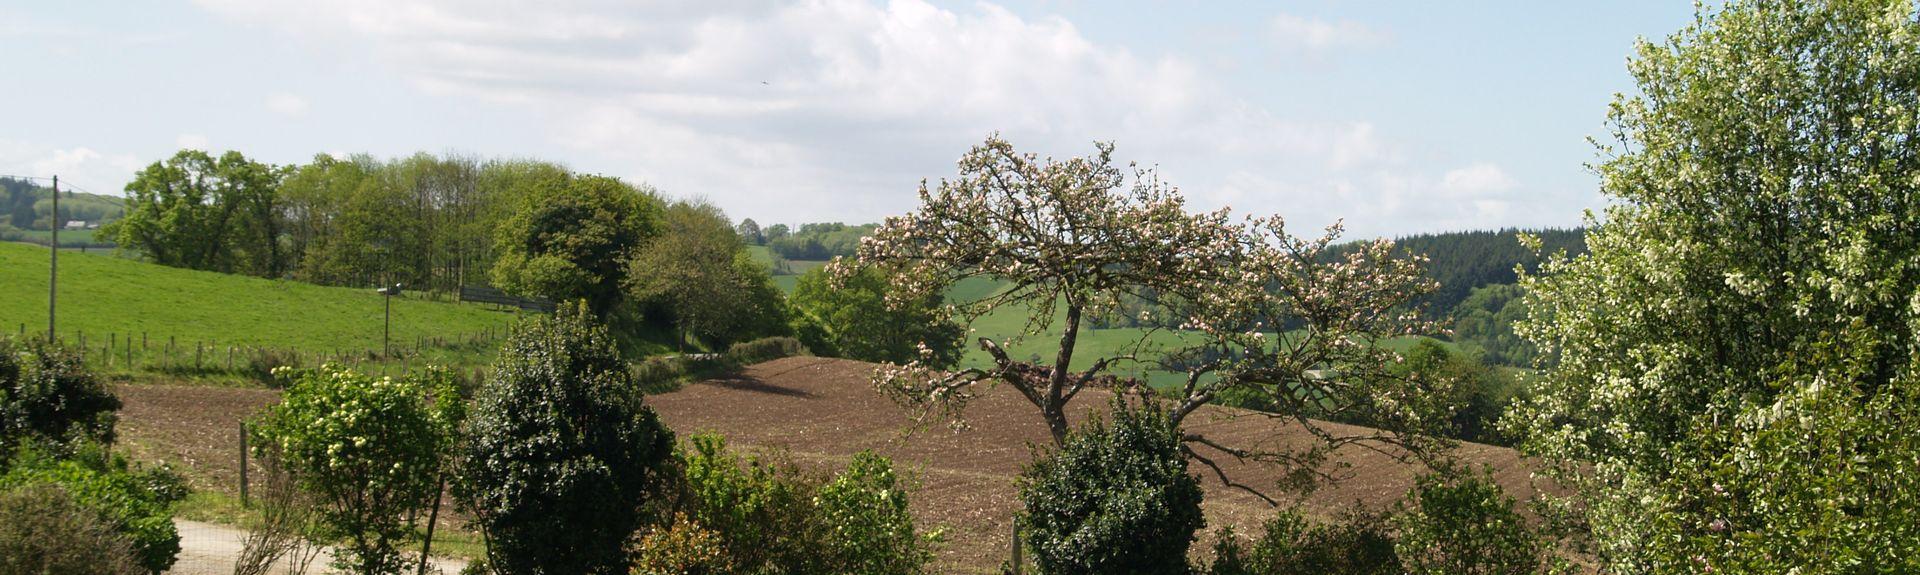 Sarthe, Pays de la Loire, Frankrig